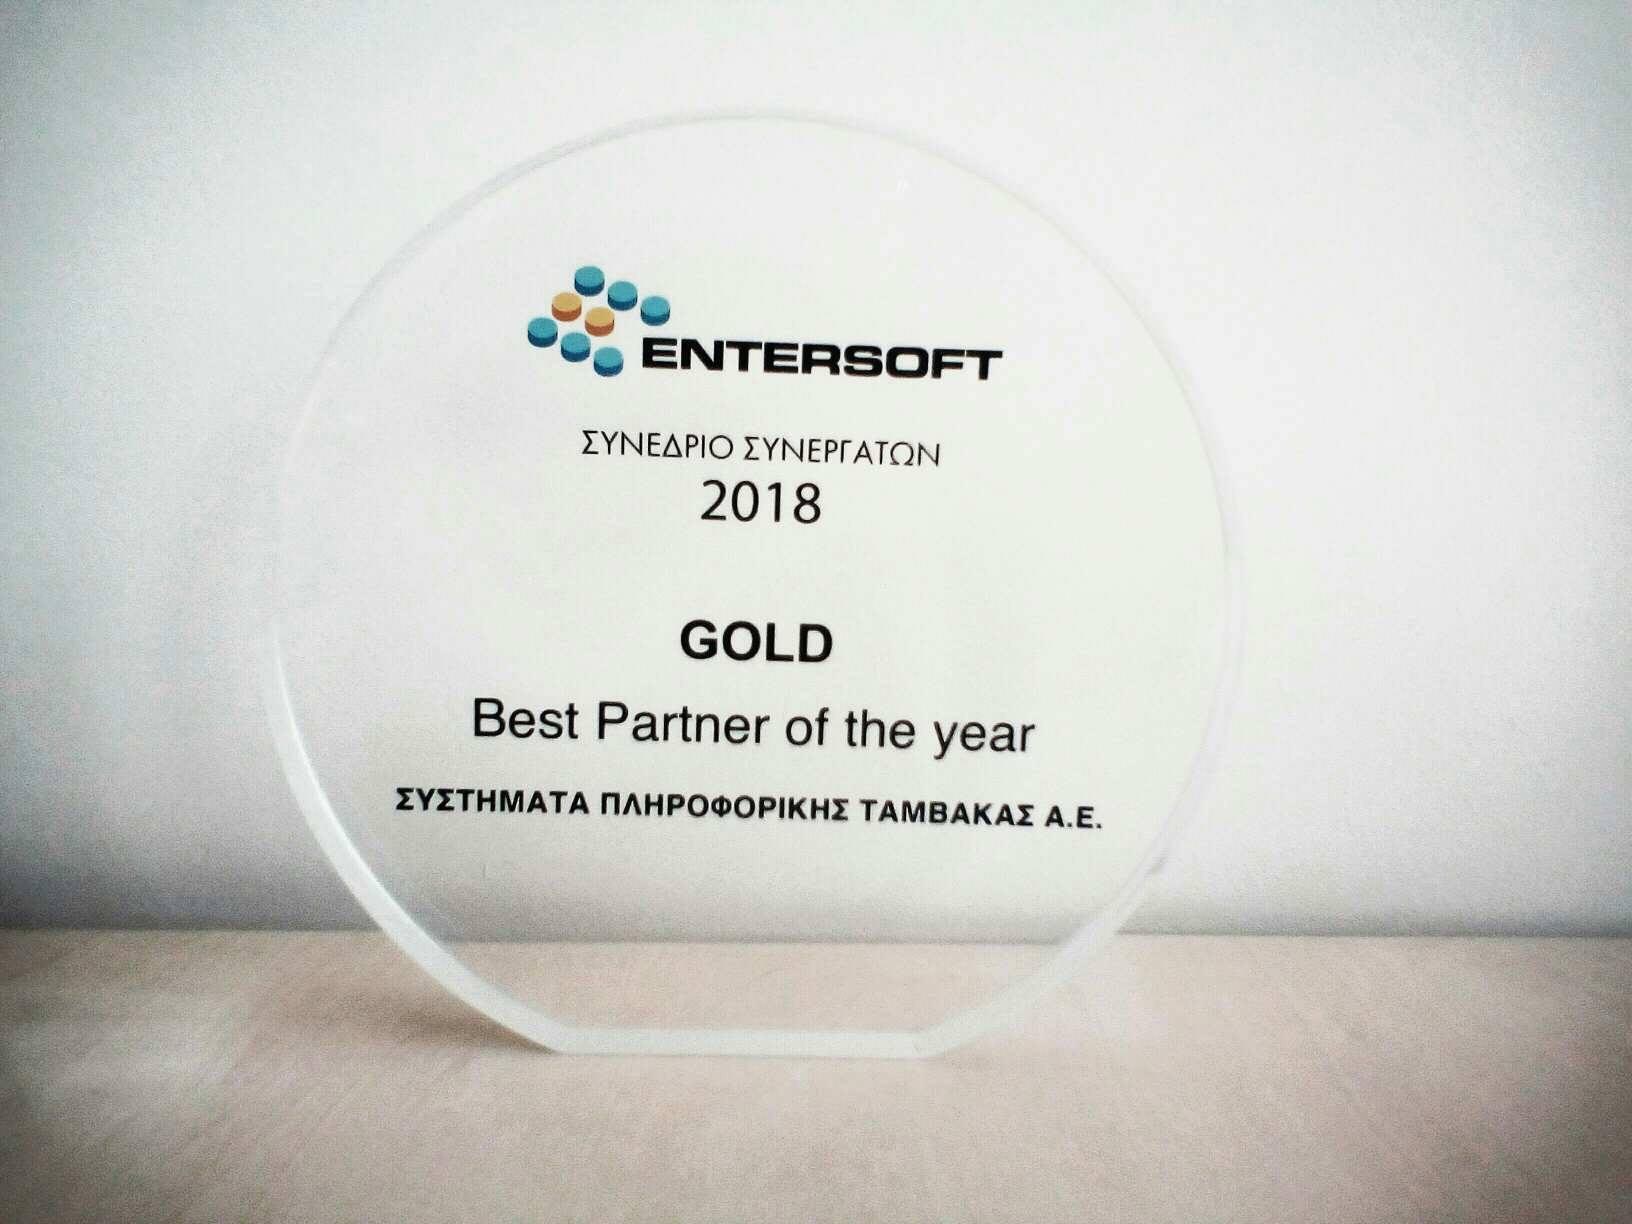 Η Business Software είναι ο Best Partner της Entersoft για το 2017